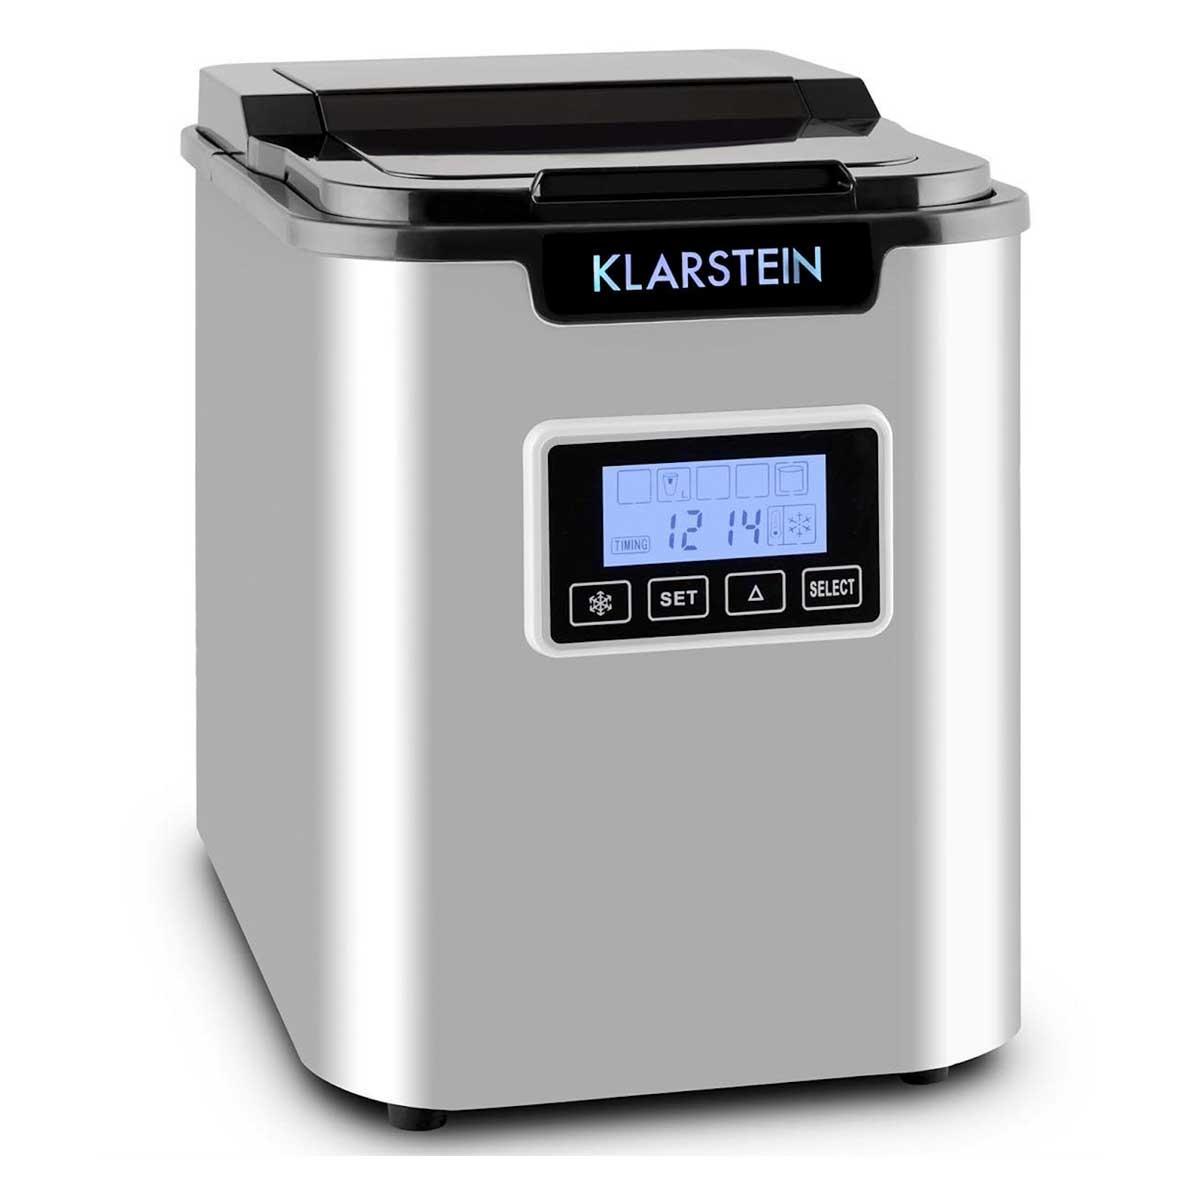 Klarstein 10028097 Icemeister